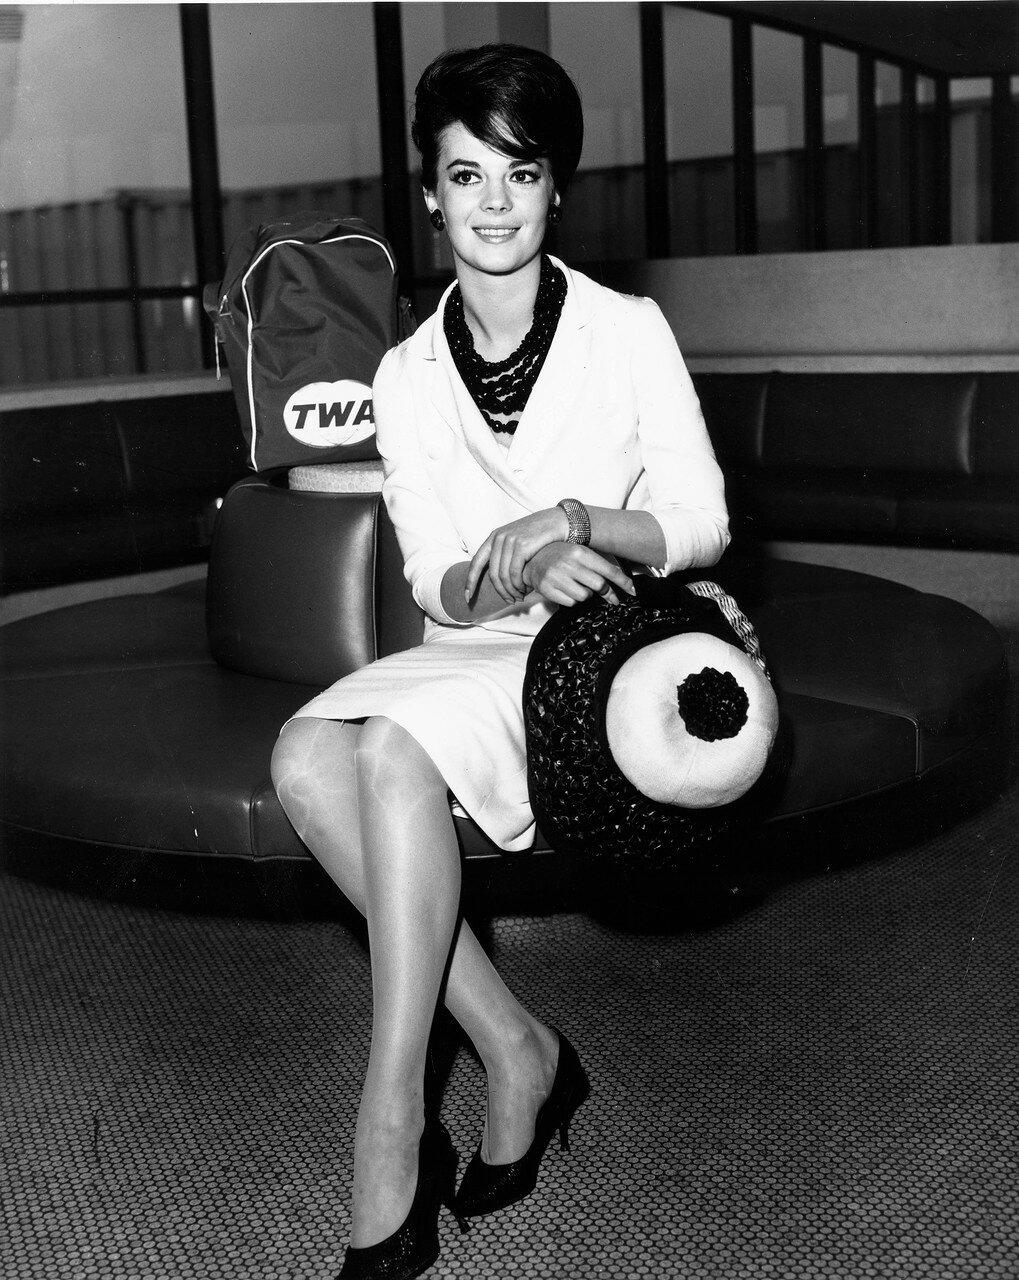 Natalie WOOD mit TWA-Tasche an einem Flughafen, 1965